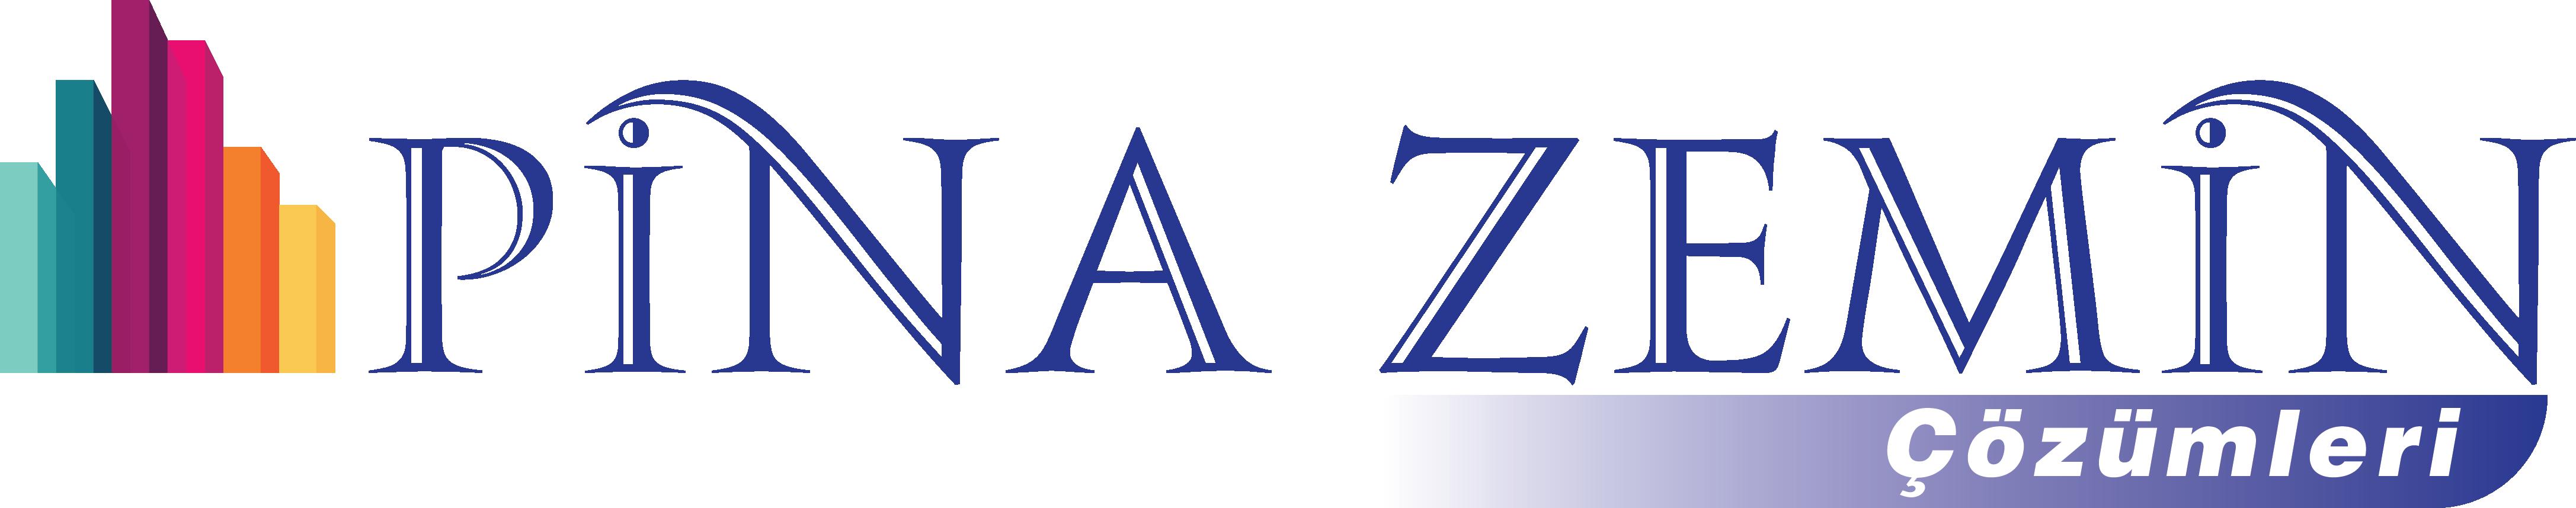 pinazeminlogo